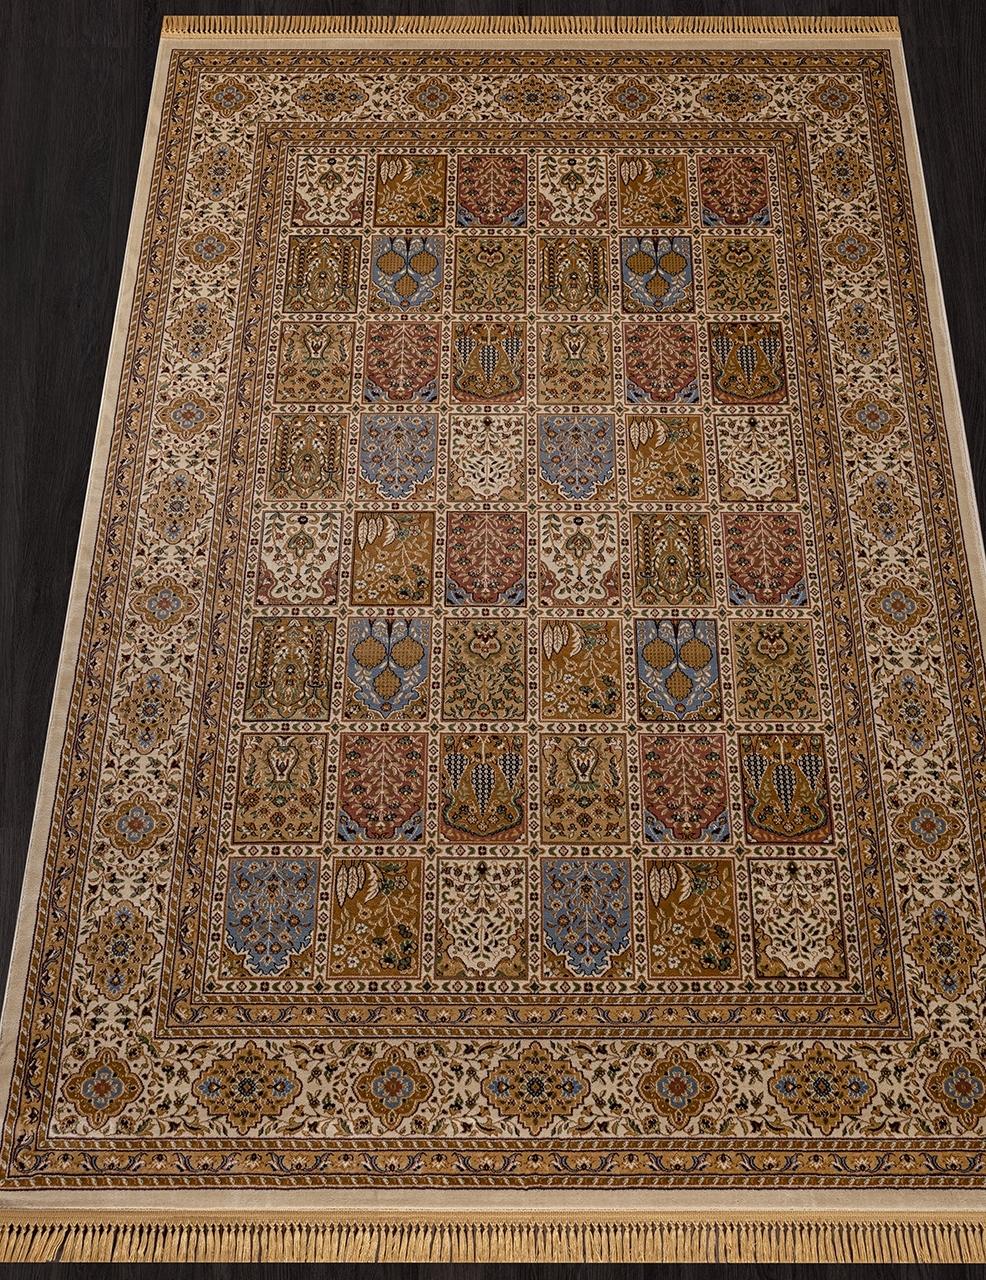 Ковер d145 - CREAM - Прямоугольник - коллекция BUHARA - фото 1